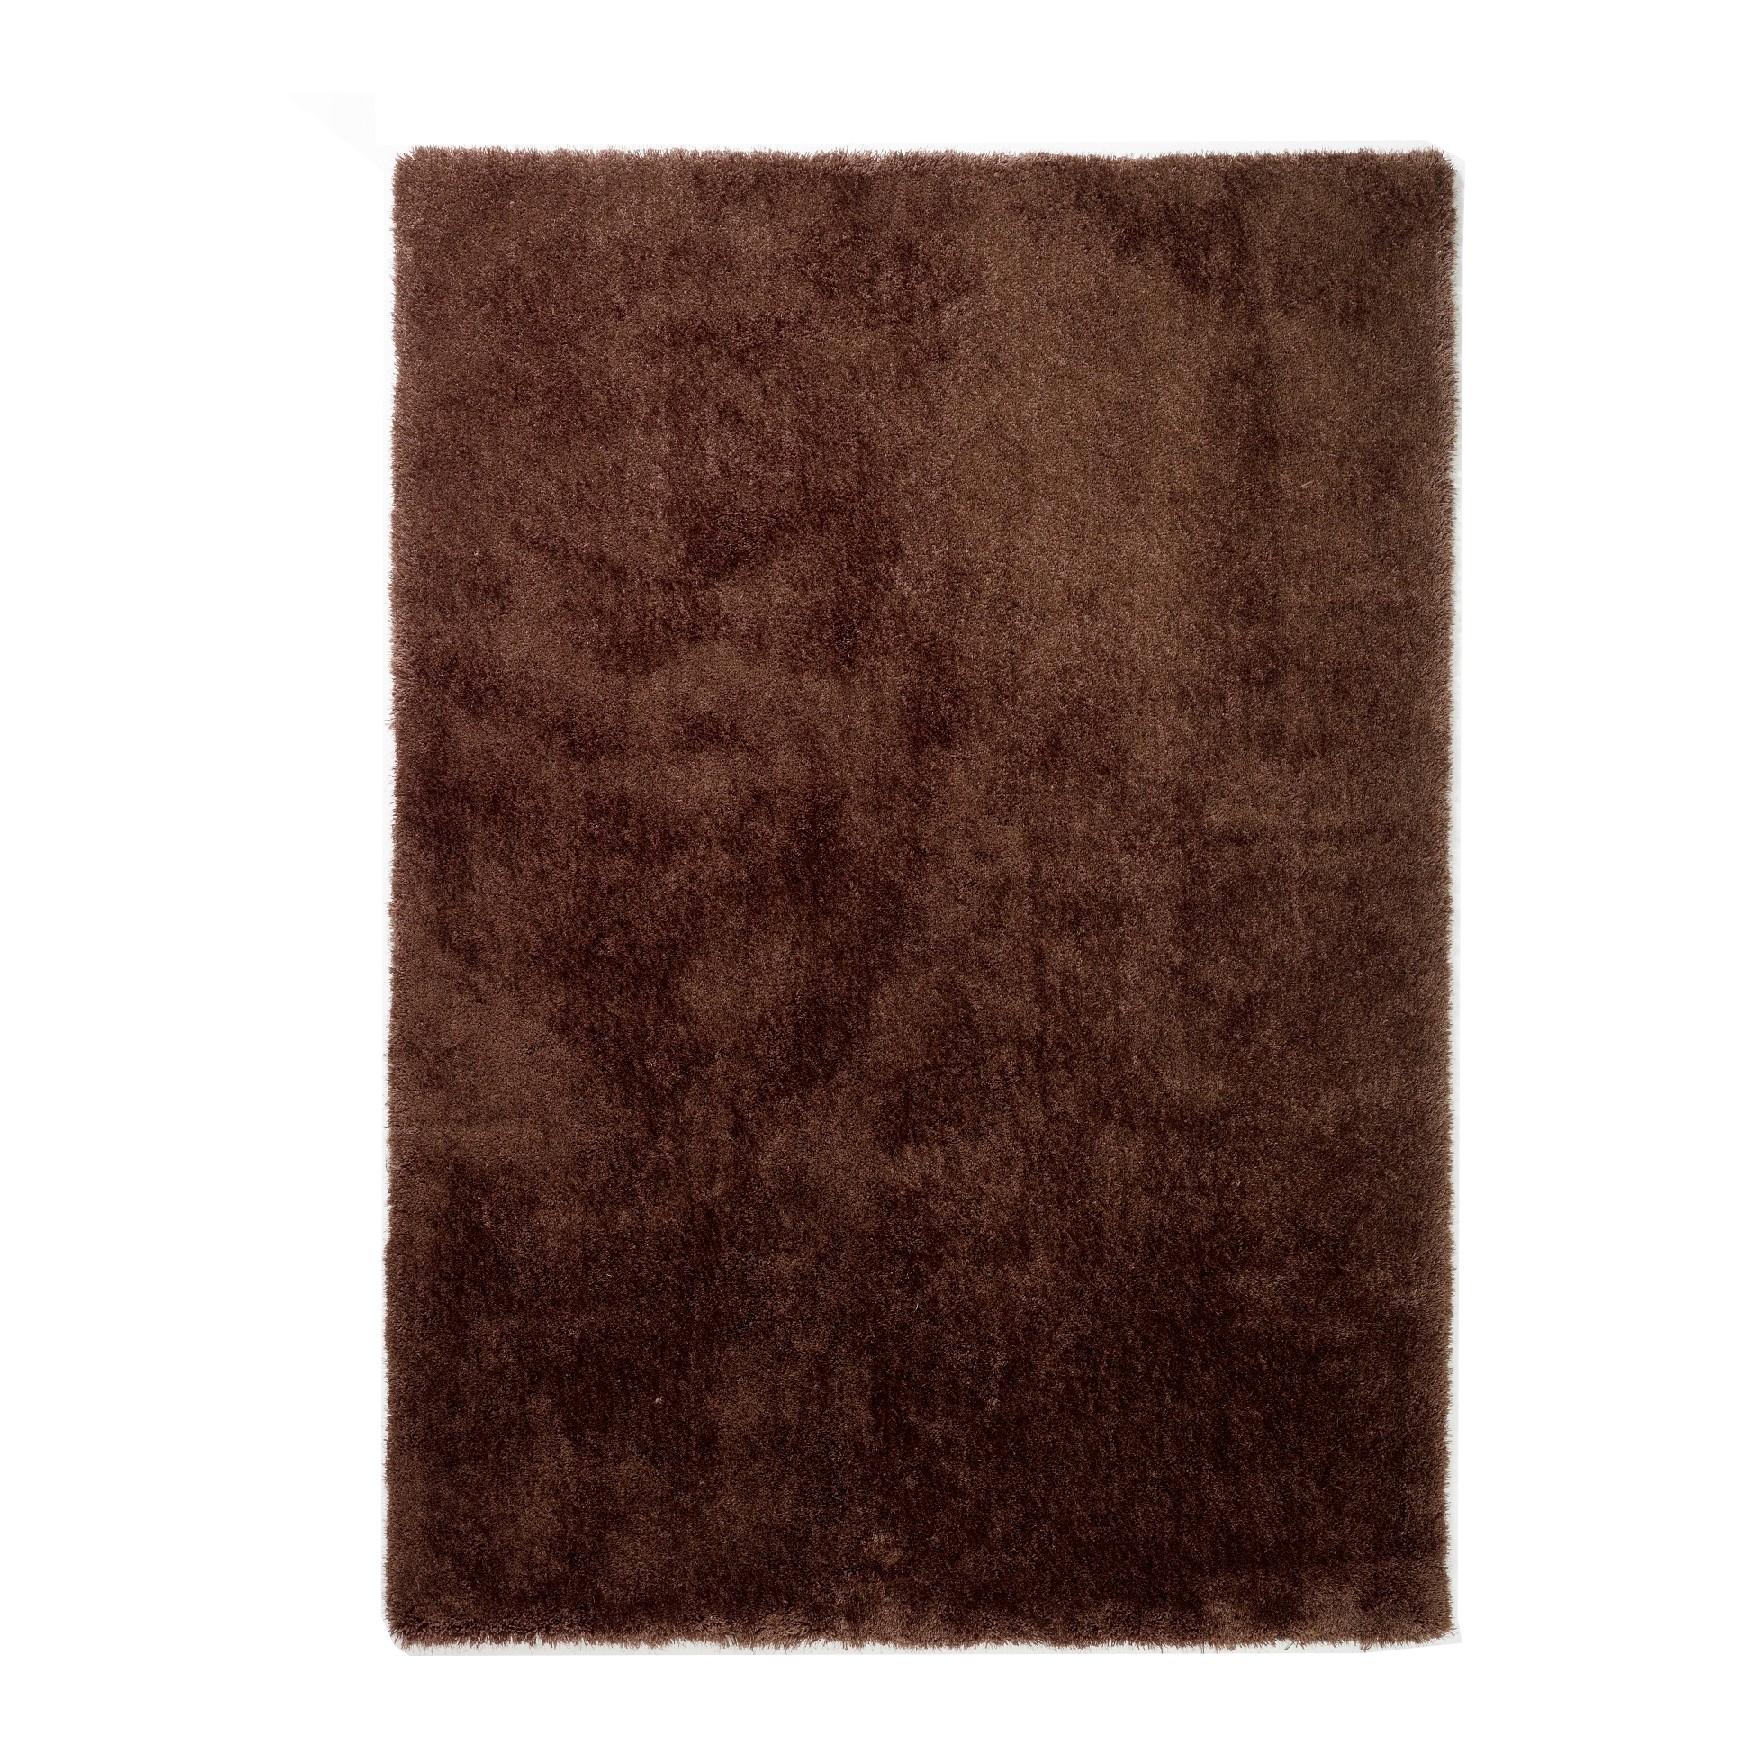 Teppich Mud – Braun – 140 x 200 cm, Colourcourage jetzt kaufen